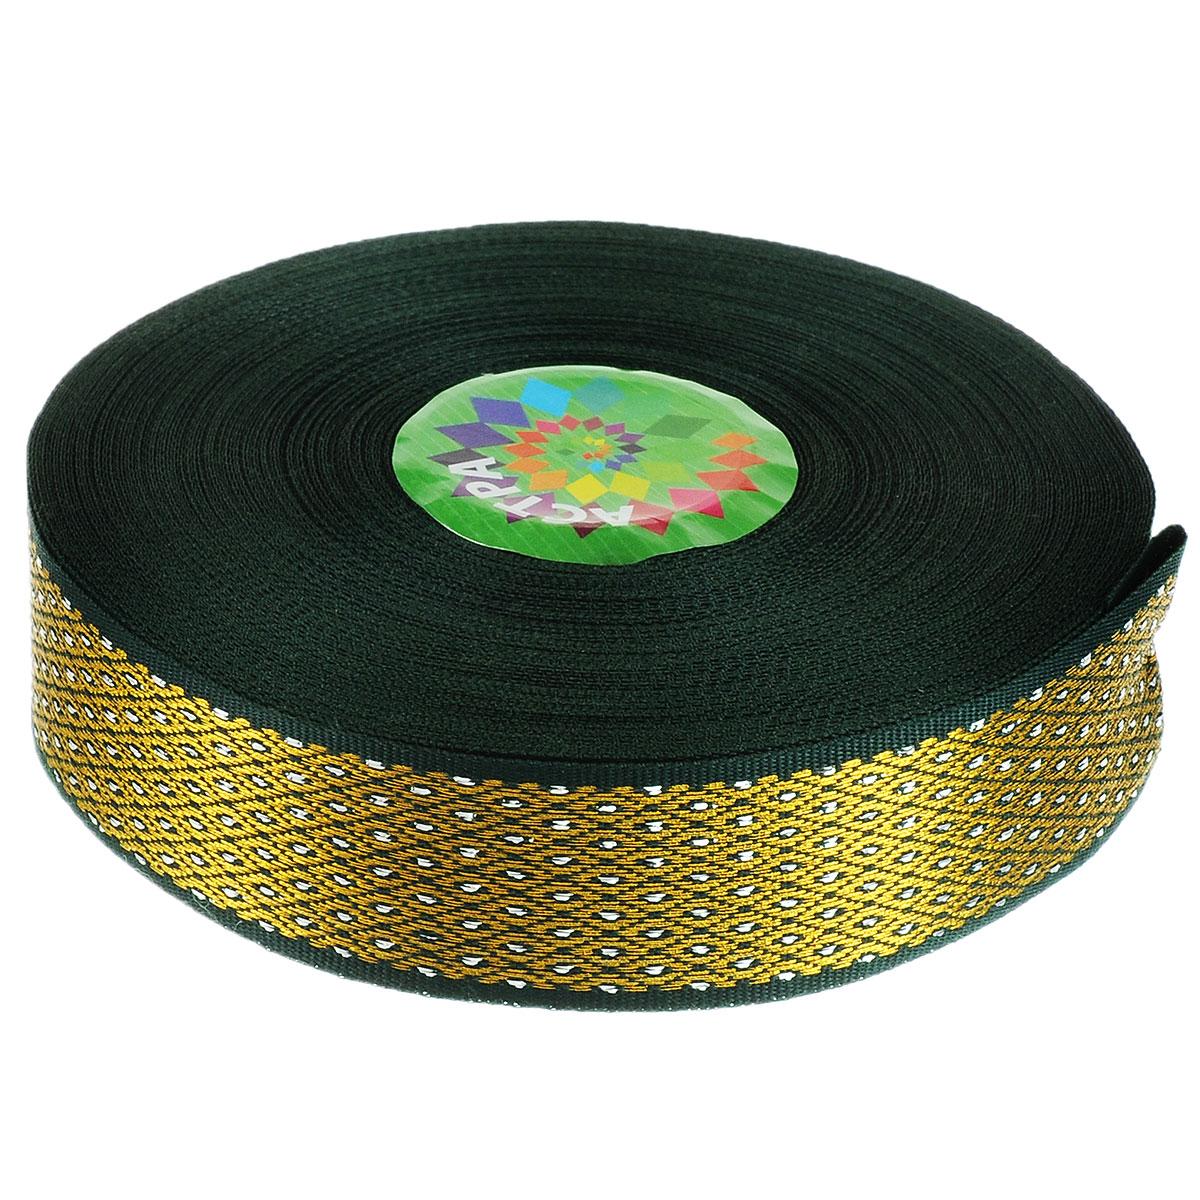 Тесьма декоративная Астра, цвет: зеленый, золотистый (17D), ширина 3 см, длина 25 м7703418_266Декоративная тесьма Астра выполнена из текстиля и оформлена оригинальным орнаментом. Такая тесьма идеально подойдет для оформления различных творческих работ таких, как скрапбукинг, аппликация, декор коробок и открыток и многое другое. Тесьма наивысшего качества и практична в использовании. Она станет незаменимом элементов в создании рукотворного шедевра.